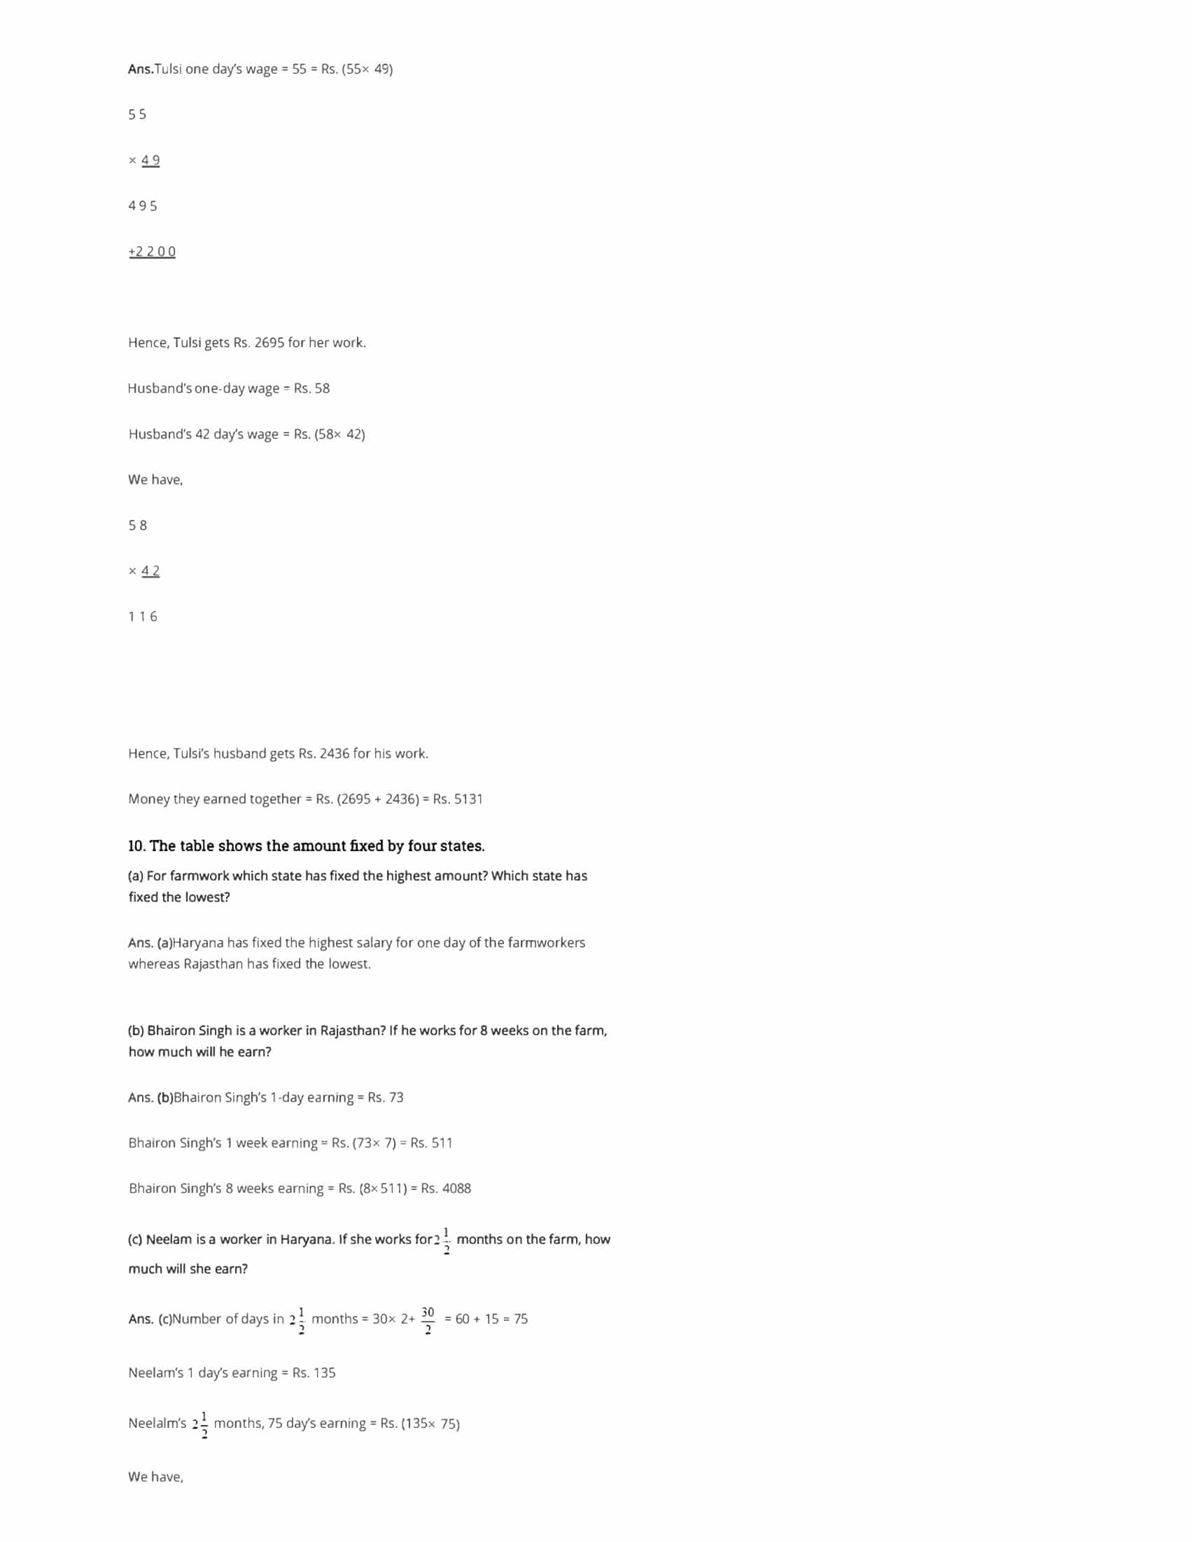 NCERT Solutions Class 5 Maths Chapter 13